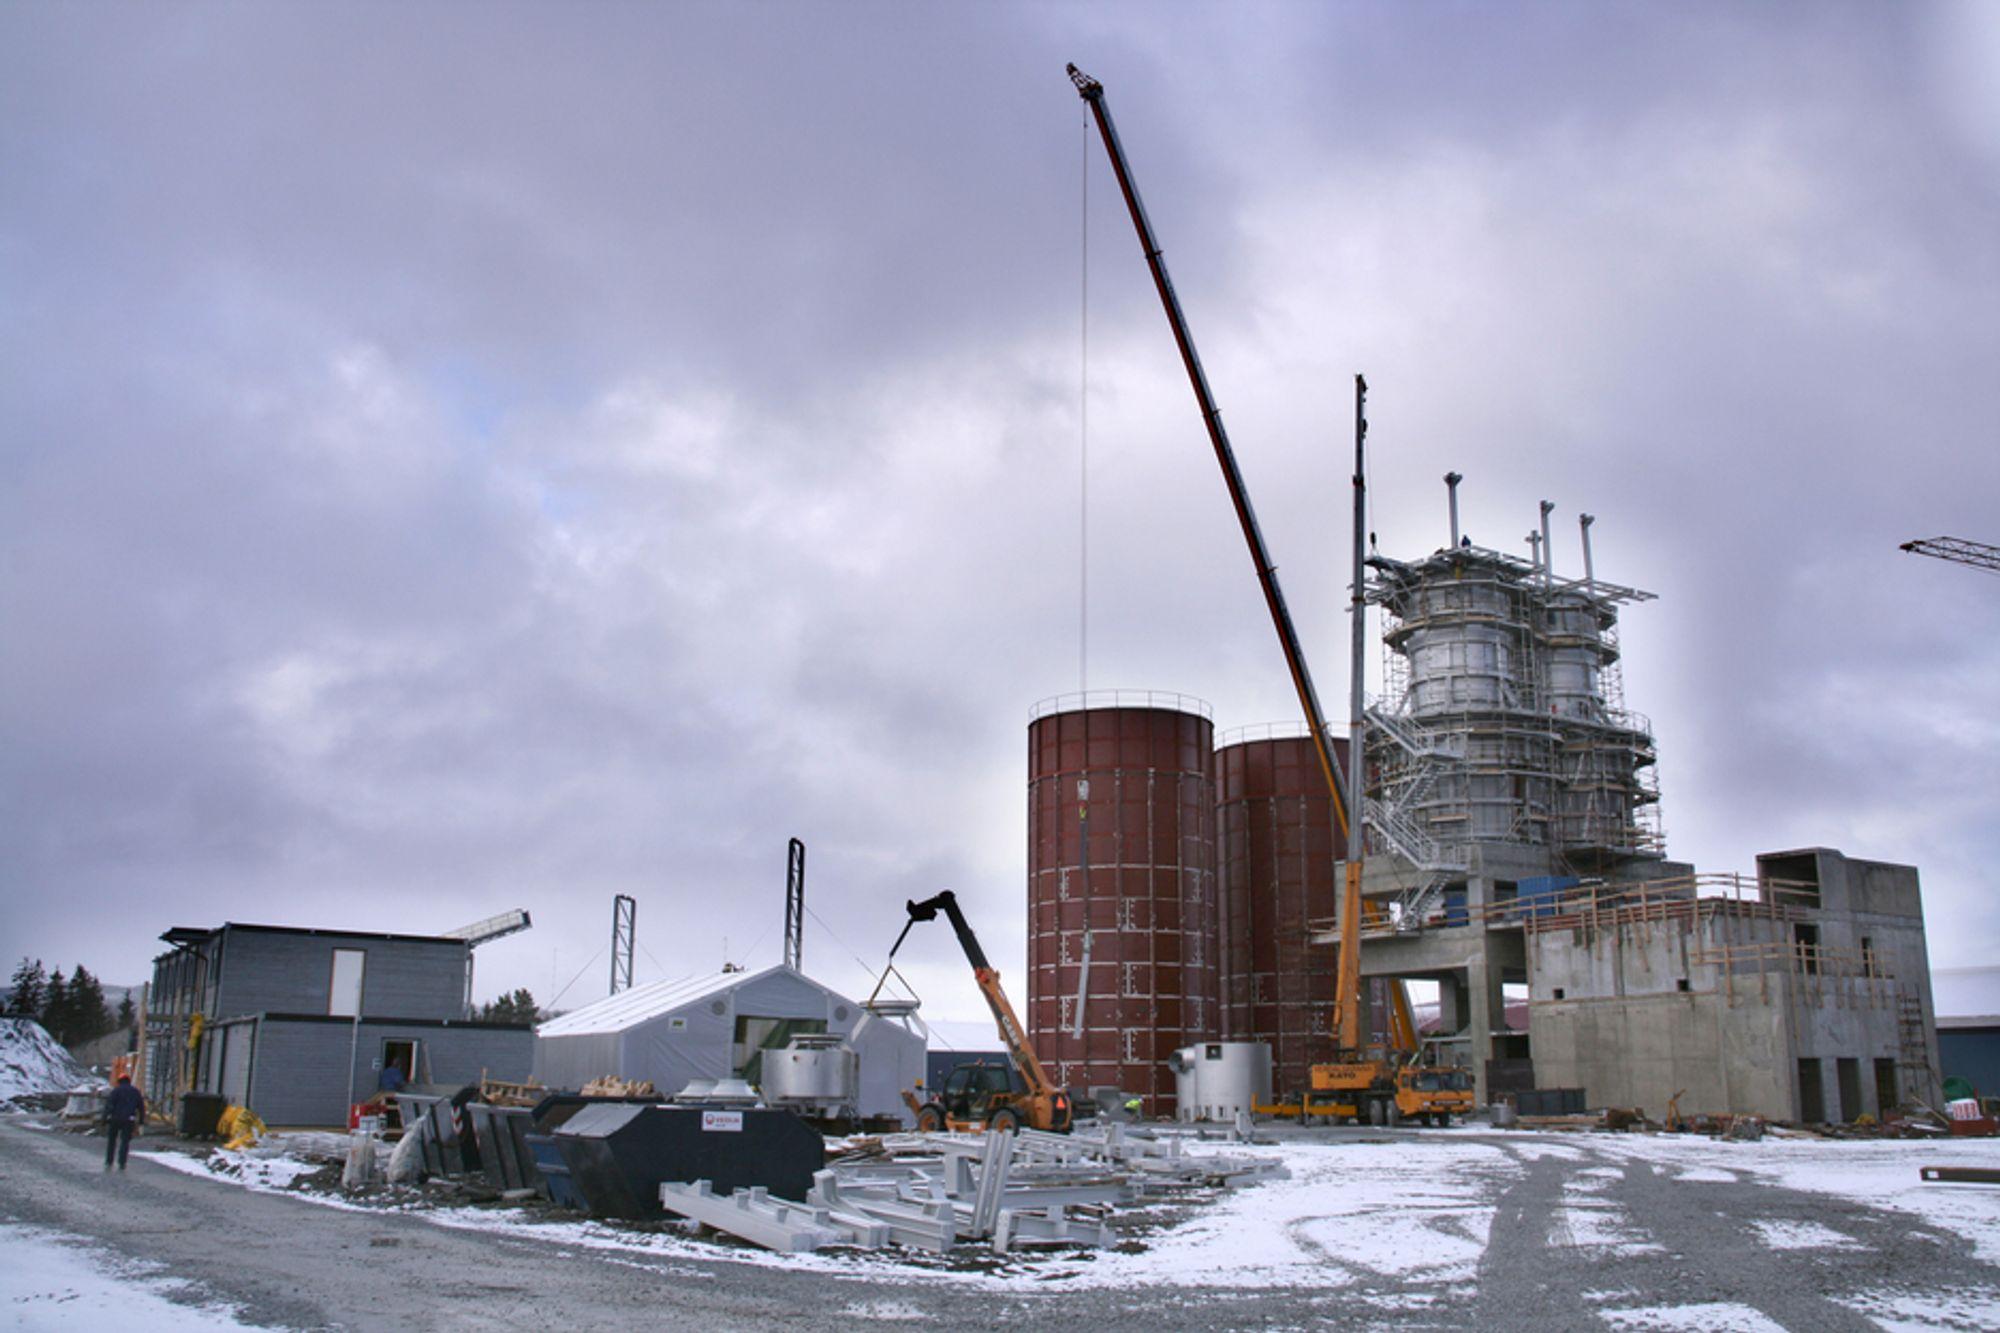 VIL GI NYE KVIKKSØLVUTSLIPP: Myndighetene jobber for å redusere utslippene av kvikksølv, men flere har søkt om nye utslippstillatelser. Her er Franzefoss i gang med å bygge den nye fabrikken NorFraKalk i Verdal som vil slippe ut kvikksølv og 240.000 tonn CO2.